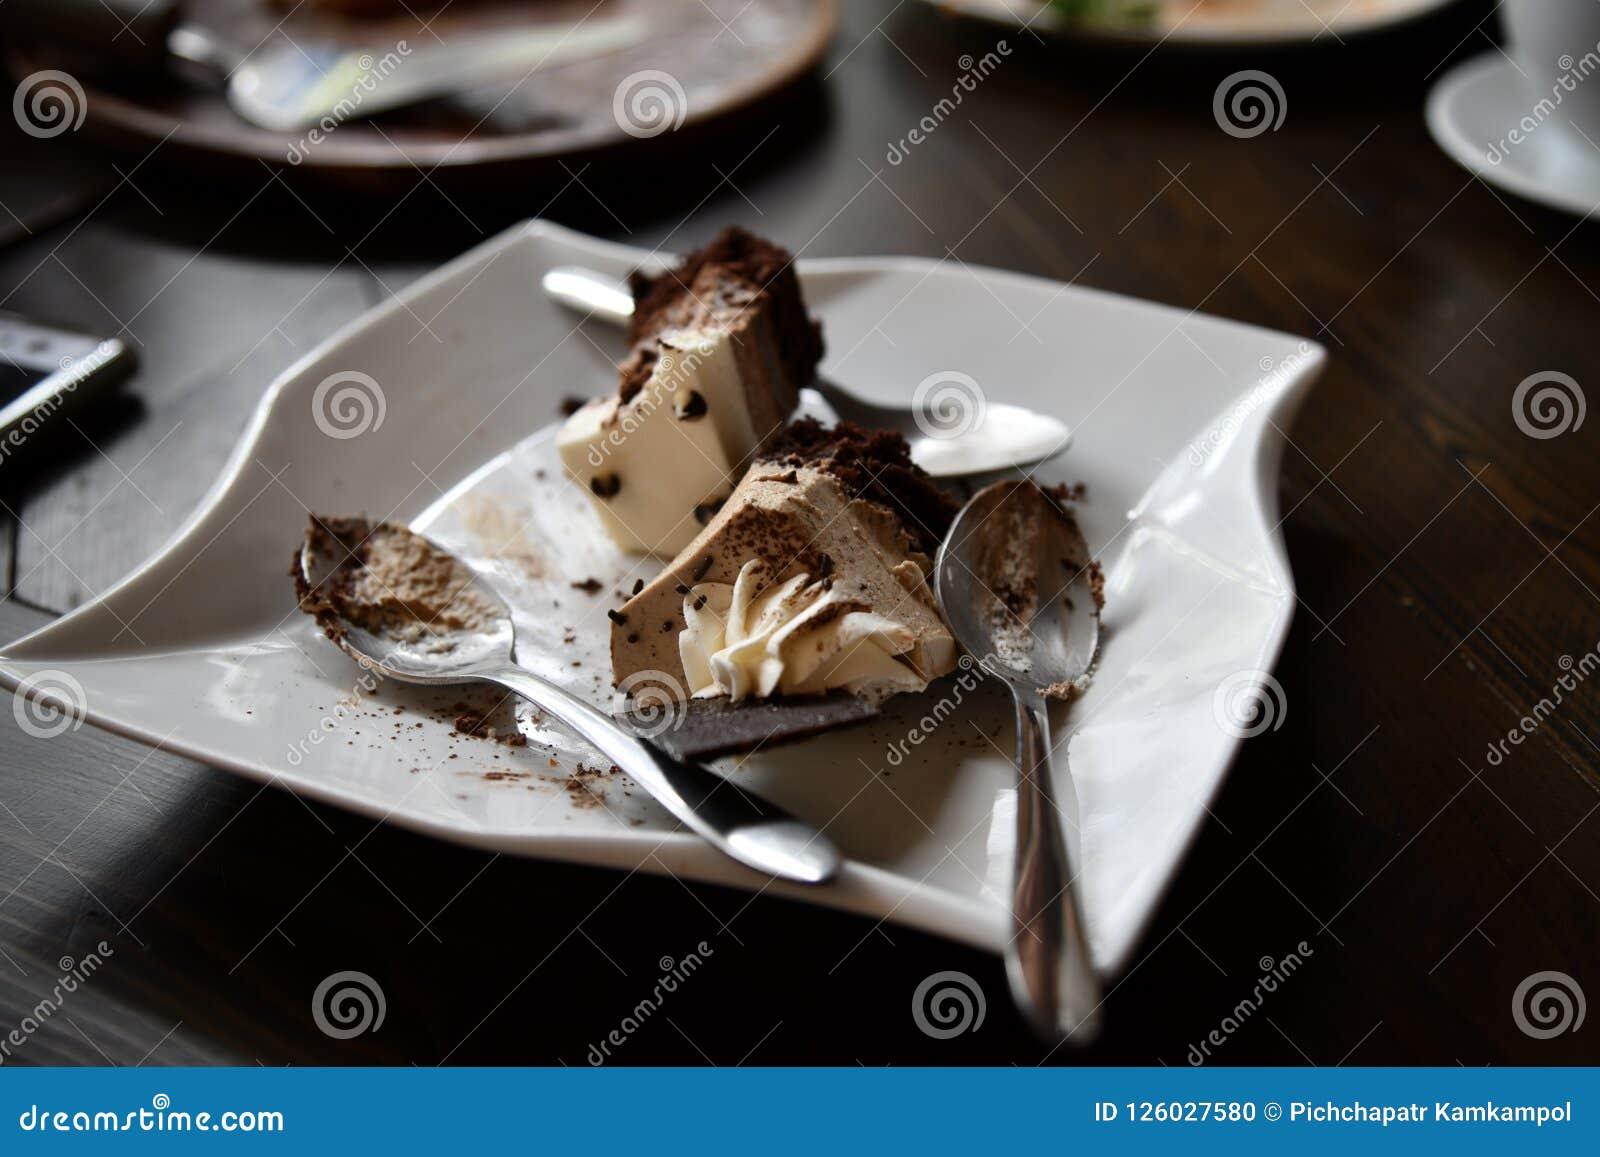 Leftover do bolo de chocolate na placa cerâmica branca